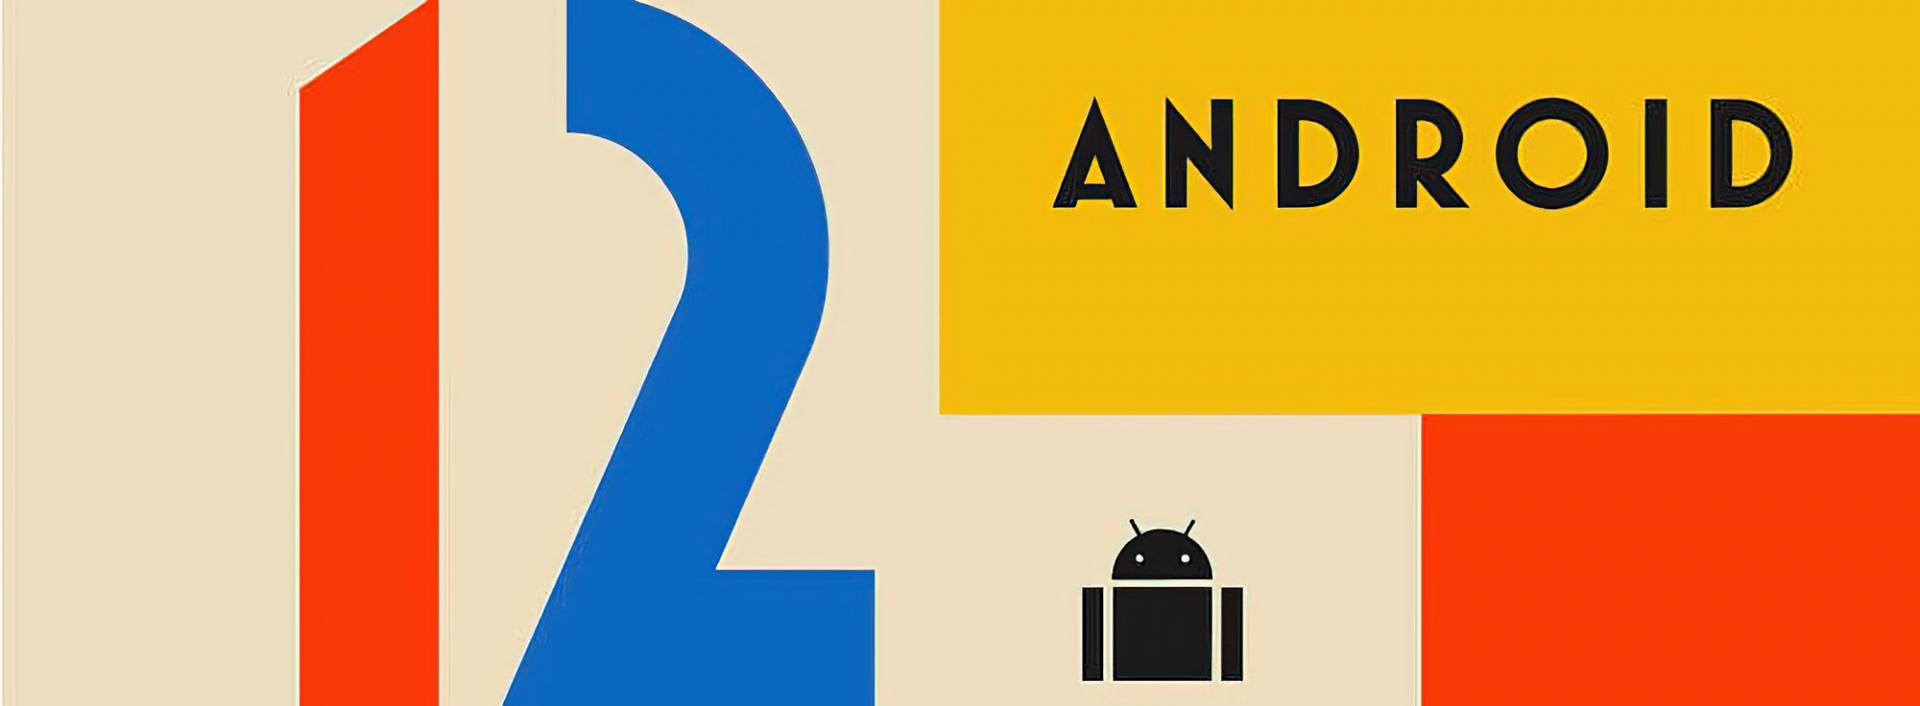 Android 12 изменится нетолько внешне, ностанет умнее иудобнее